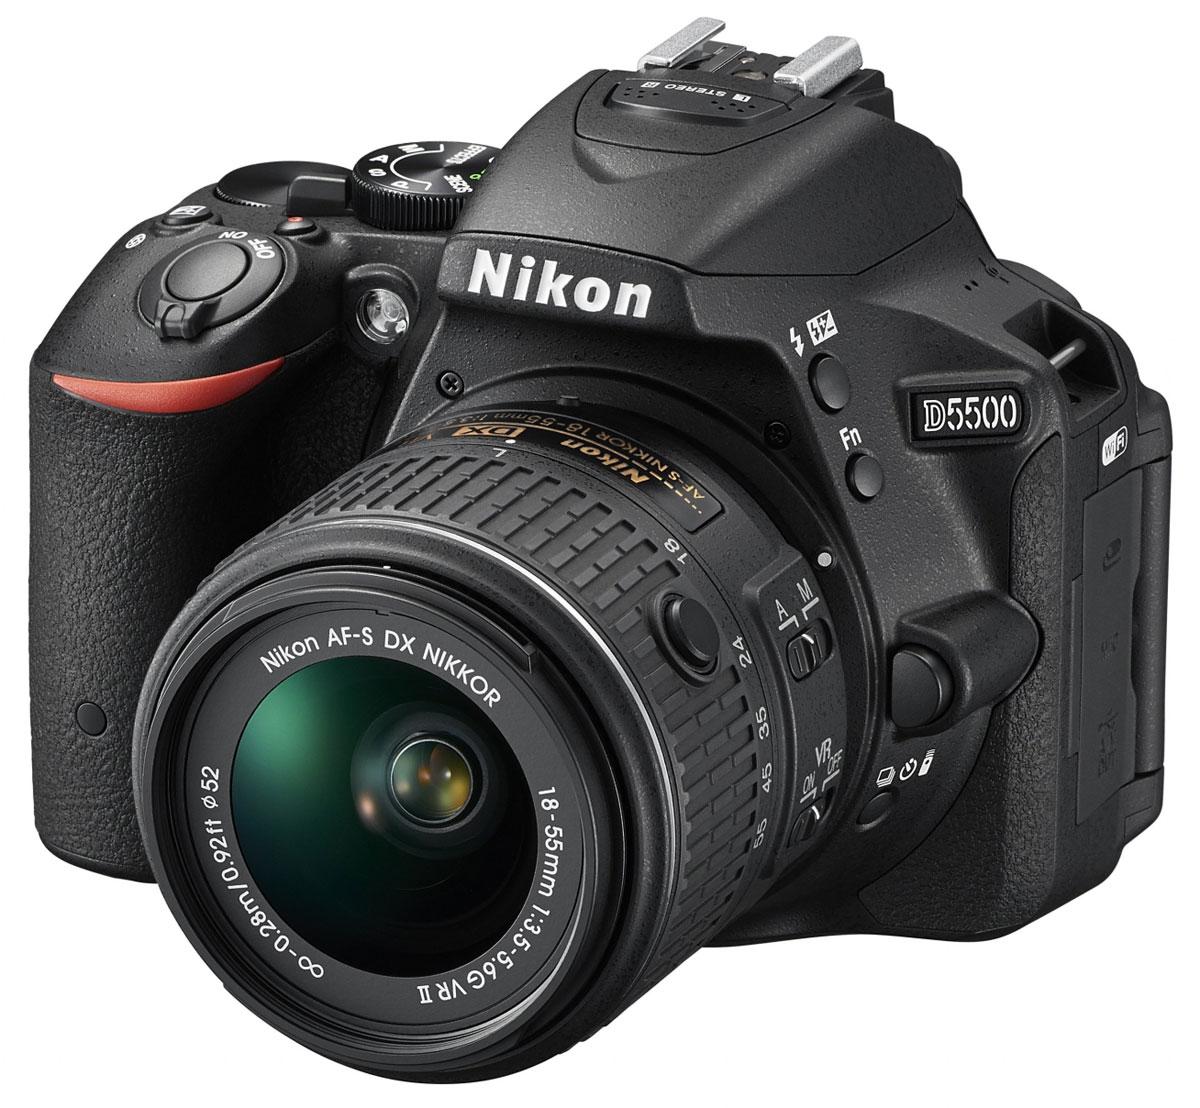 Nikon D5500 Kit 18-55 VR II, Black цифровая зеркальная фотокамераVBA440K001Отобразите красоту окружающего мира на великолепных фотографиях, снятых с помощью фотокамеры D5500. Эта легкая и компактная, но в то же время очень мощная цифровая зеркальная фотокамера с удобным и понятным сенсорным управлением позволяет совершенствоваться в искусстве фотографии. Забудьте о смазанных фотографиях и создавайте яркие детализированные изображения, которые всегда будут в центре внимания. Достигайте непревзойденных результатов даже при съемке быстро движущихся объектов или в условиях недостаточной освещенности. Создавайте фотографии и видеоролики отличного качества даже при недостаточном освещении. Благодаря широкому диапазону чувствительности ISO (100-25 600 единиц) изображения получаются как никогда яркими и детализированными. С мощной 24,2-мегапиксельной матрицей вы поразите друзей снимками с высоким уровнем детализации. Фотокамера D5500 оснащена матрицей с разрешением 24,2-мегапикселя, в конструкции которой не используется оптический...